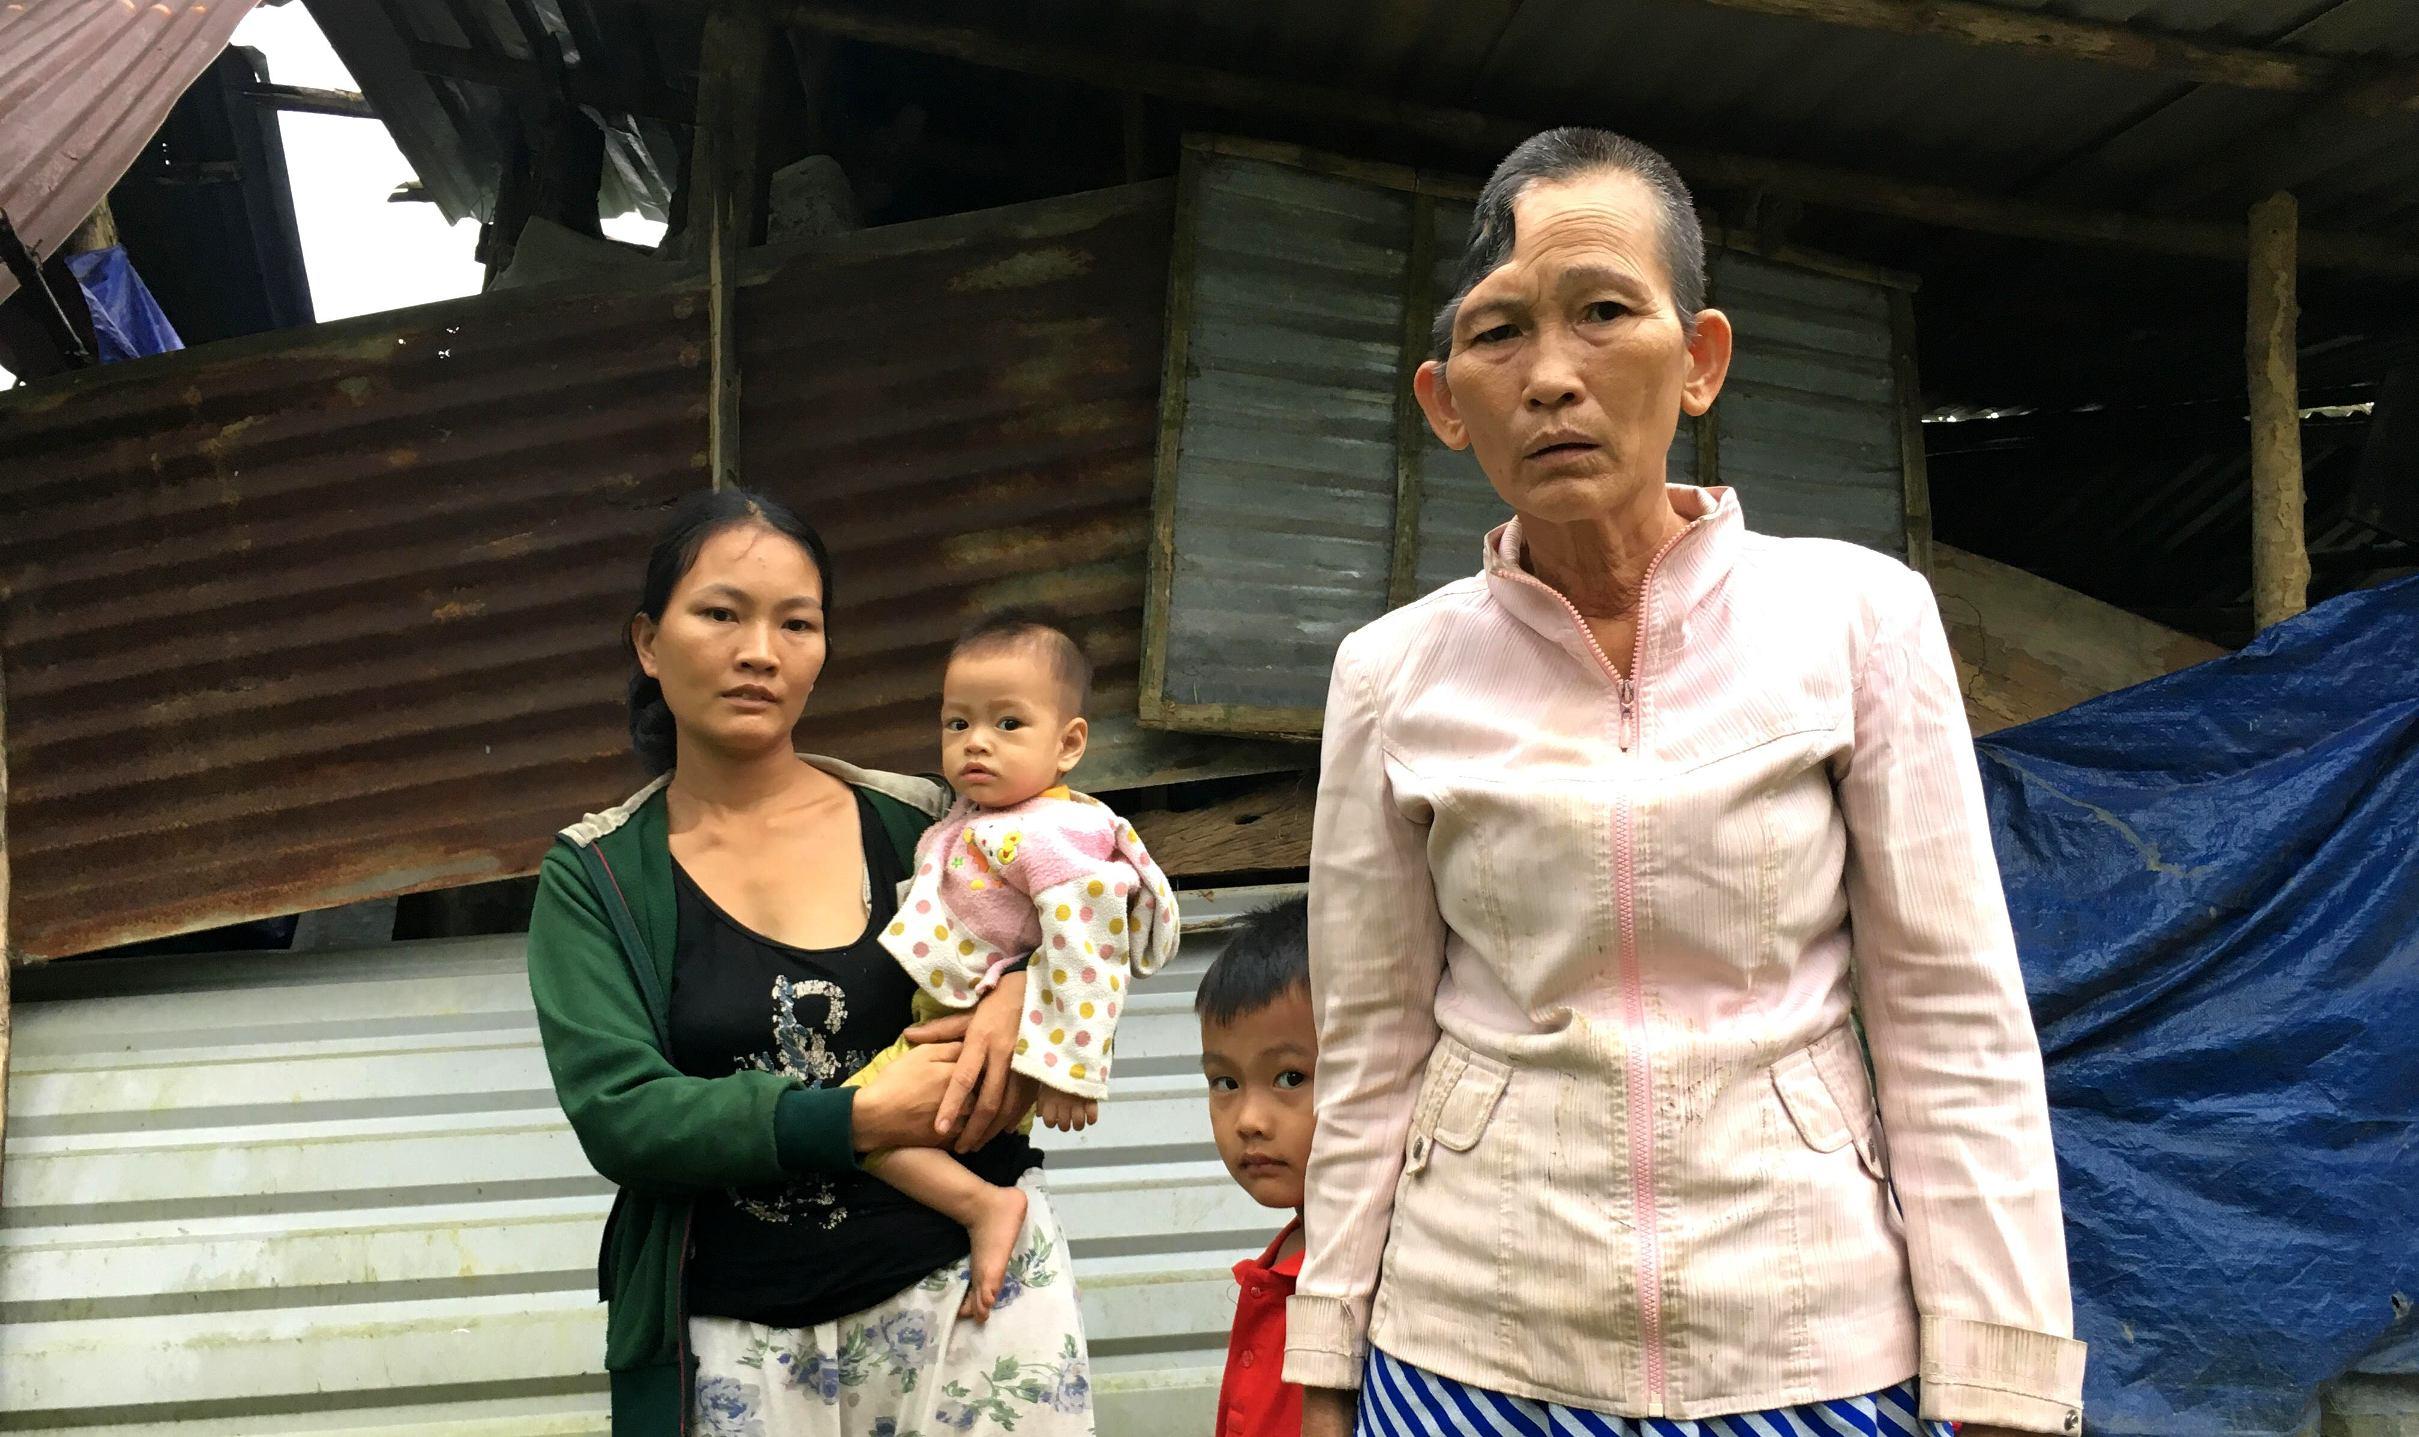 Hiện gia đình bà Thủy đang sống trong một căn lều tạm bợ trên khoảnh đồi. Ảnh: PHAN VINH